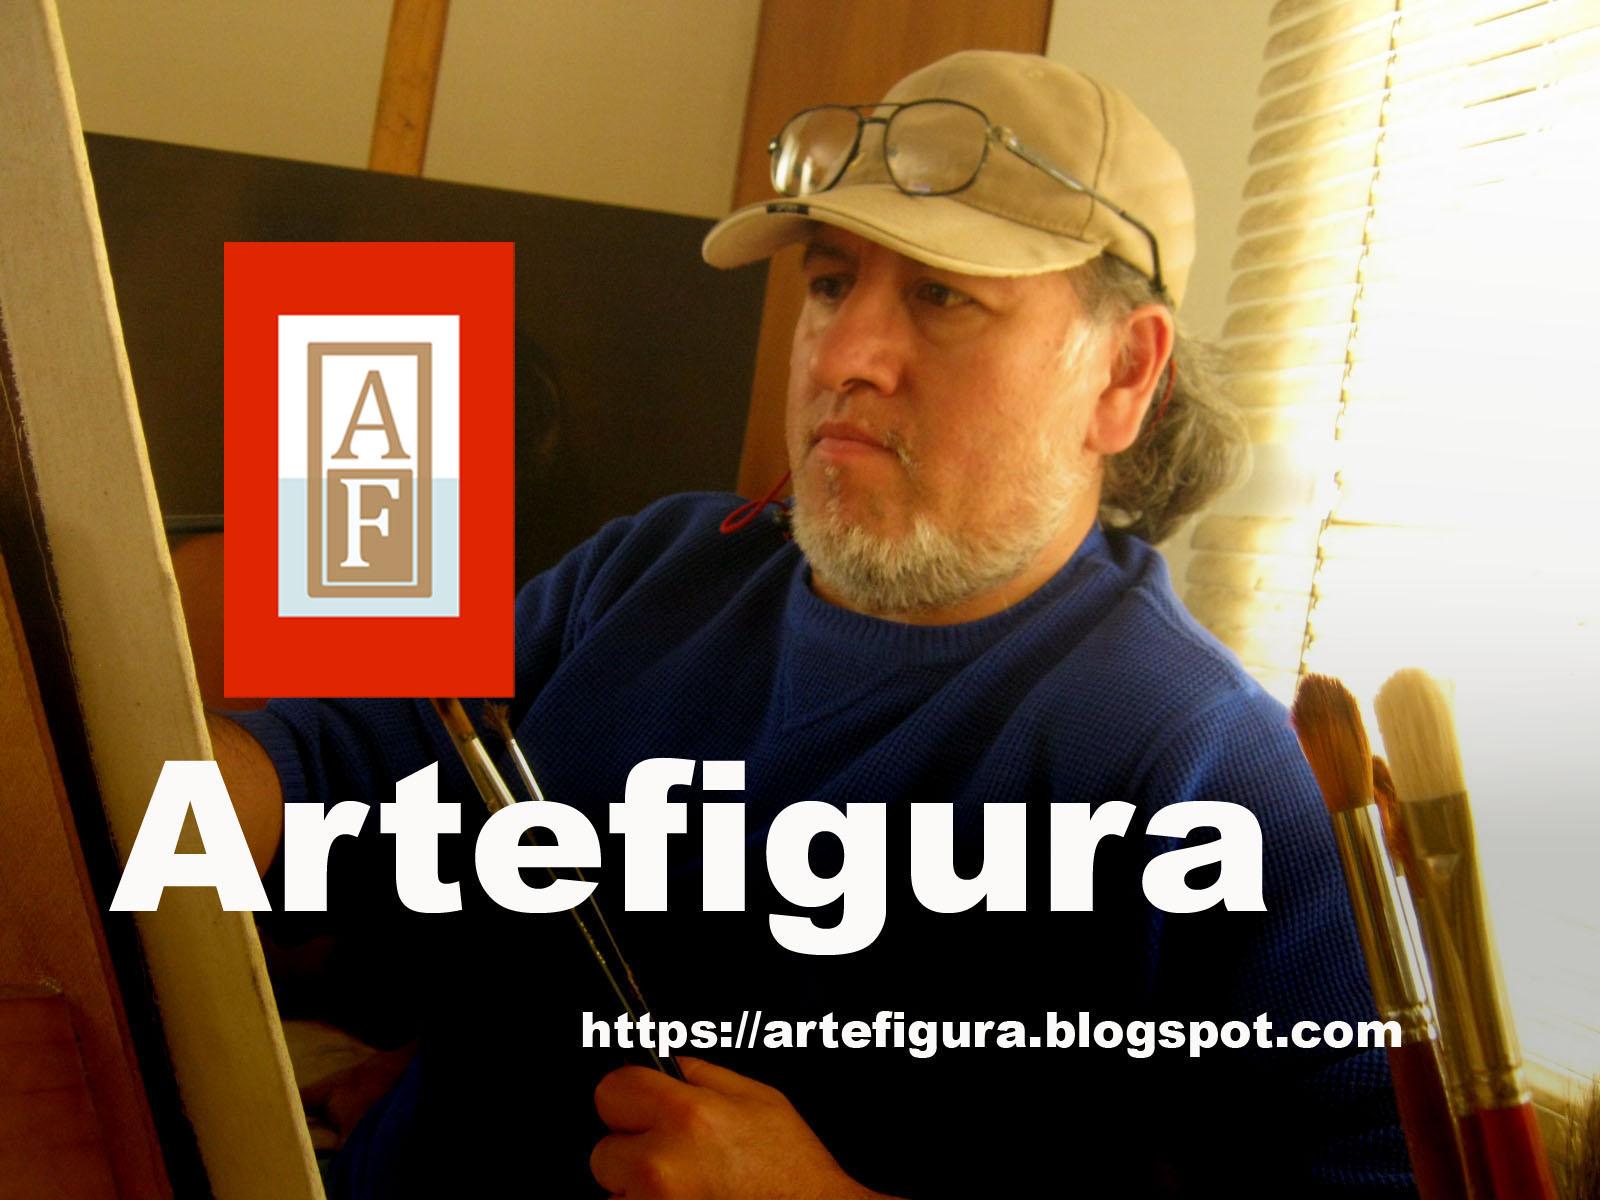 ARTEFIGURA TALLER ONLINE